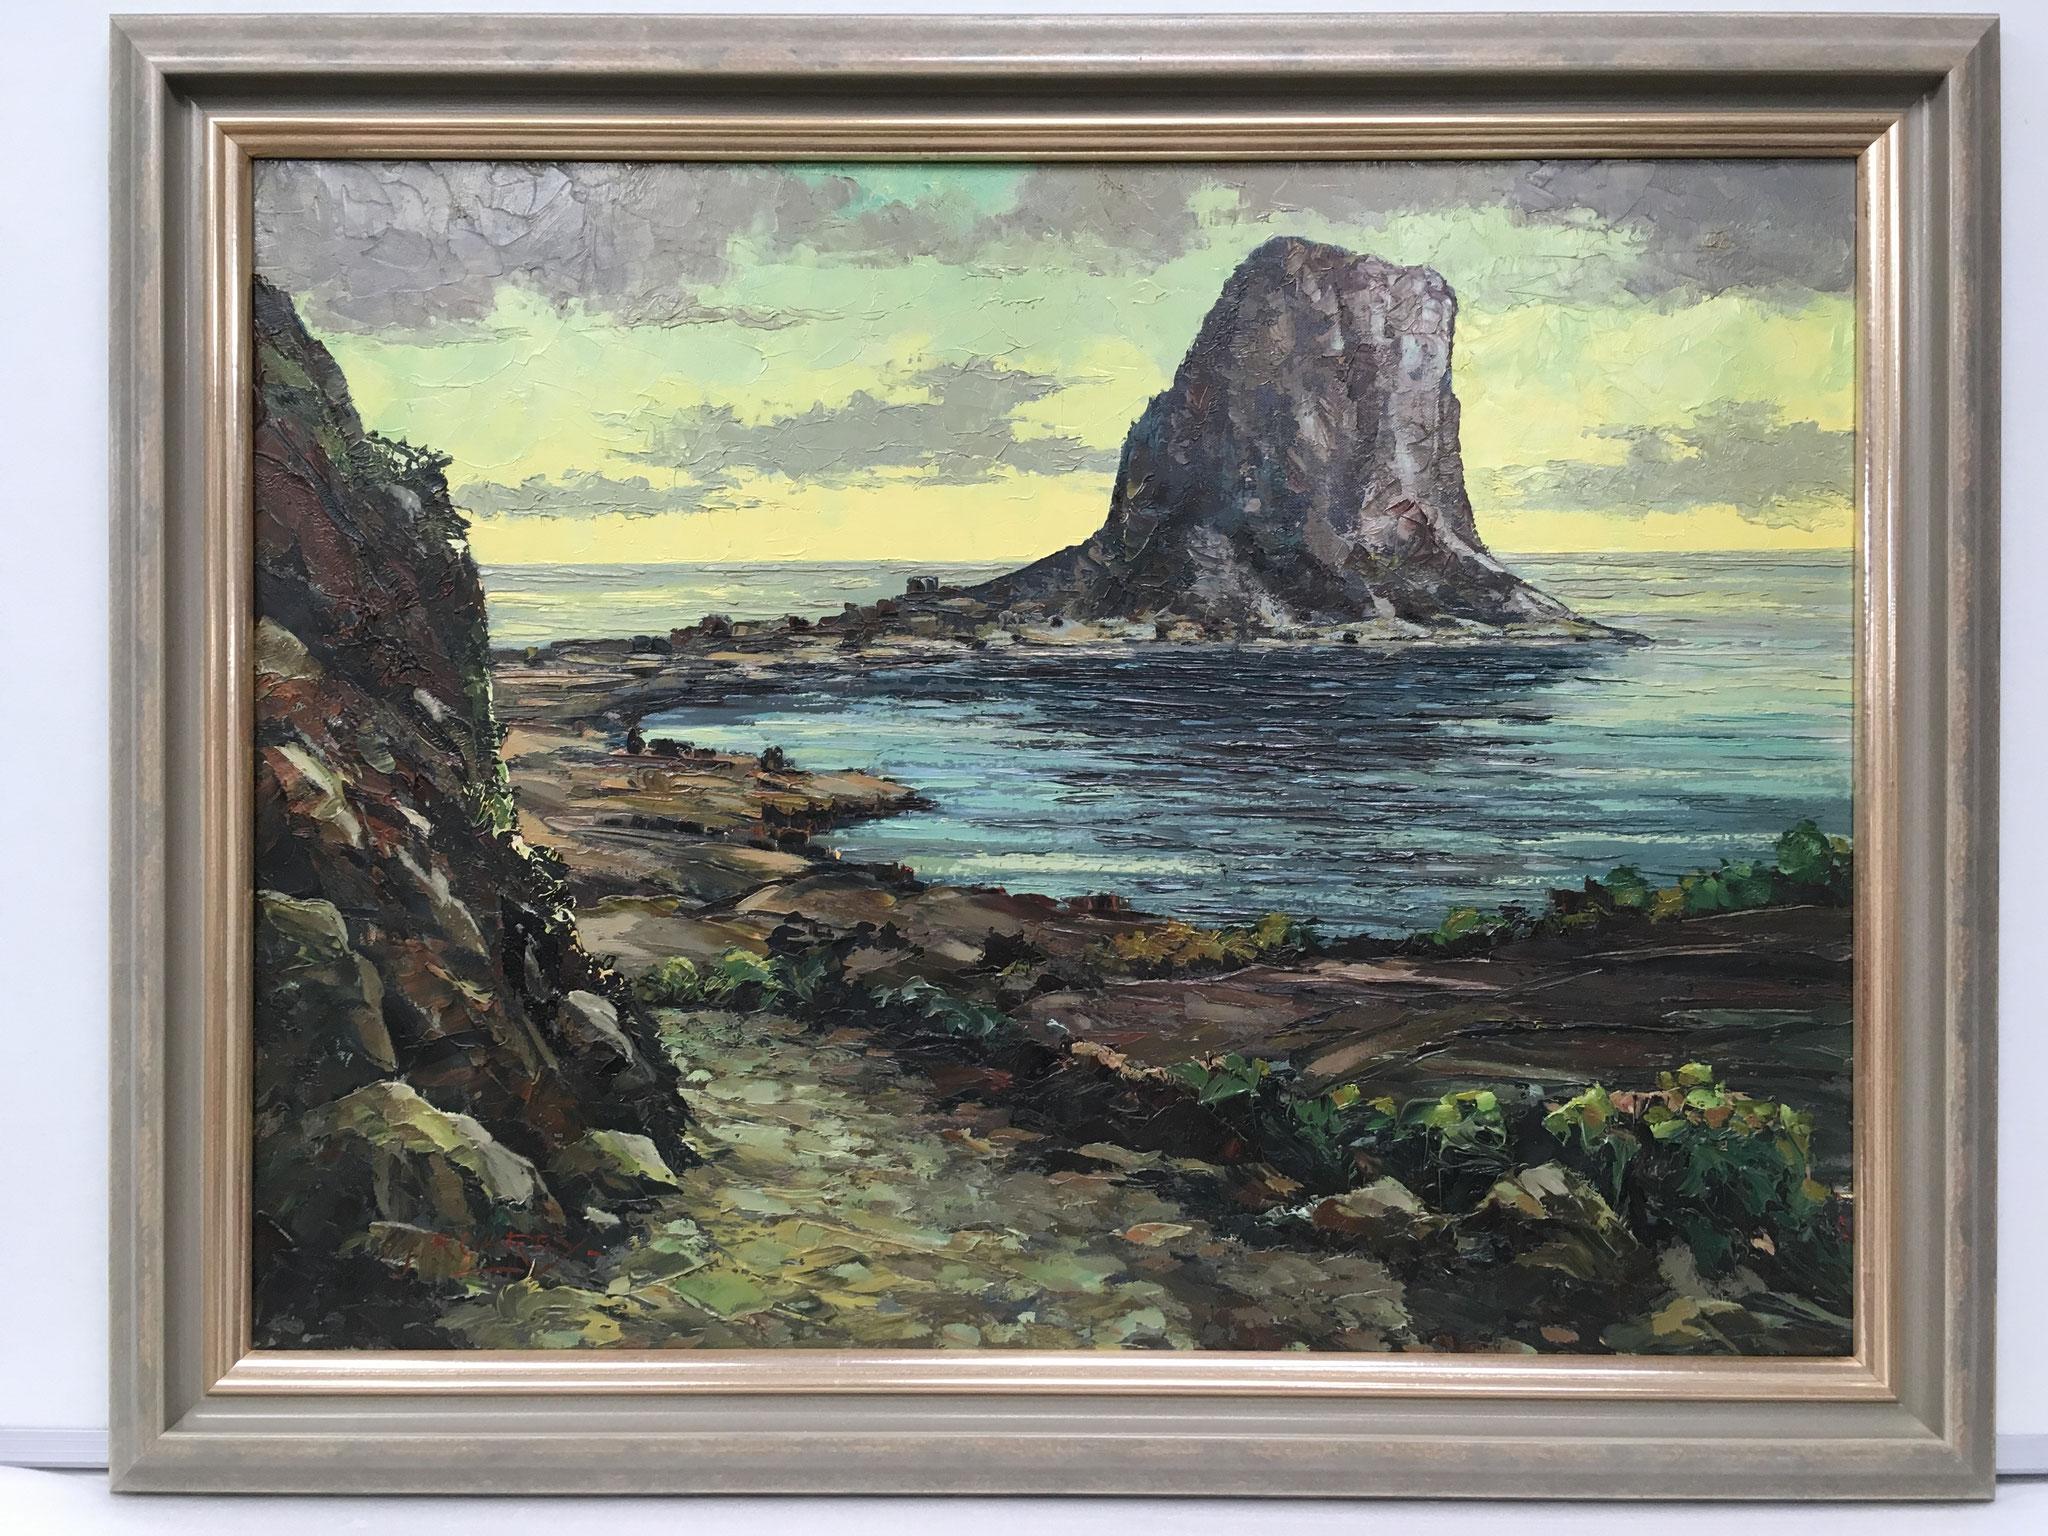 """Künstler unbekannt """"Ifach-Costa del Sol, Spanien"""" Größe/Falzmaß 60,0 x 80,0cm € 490,-"""